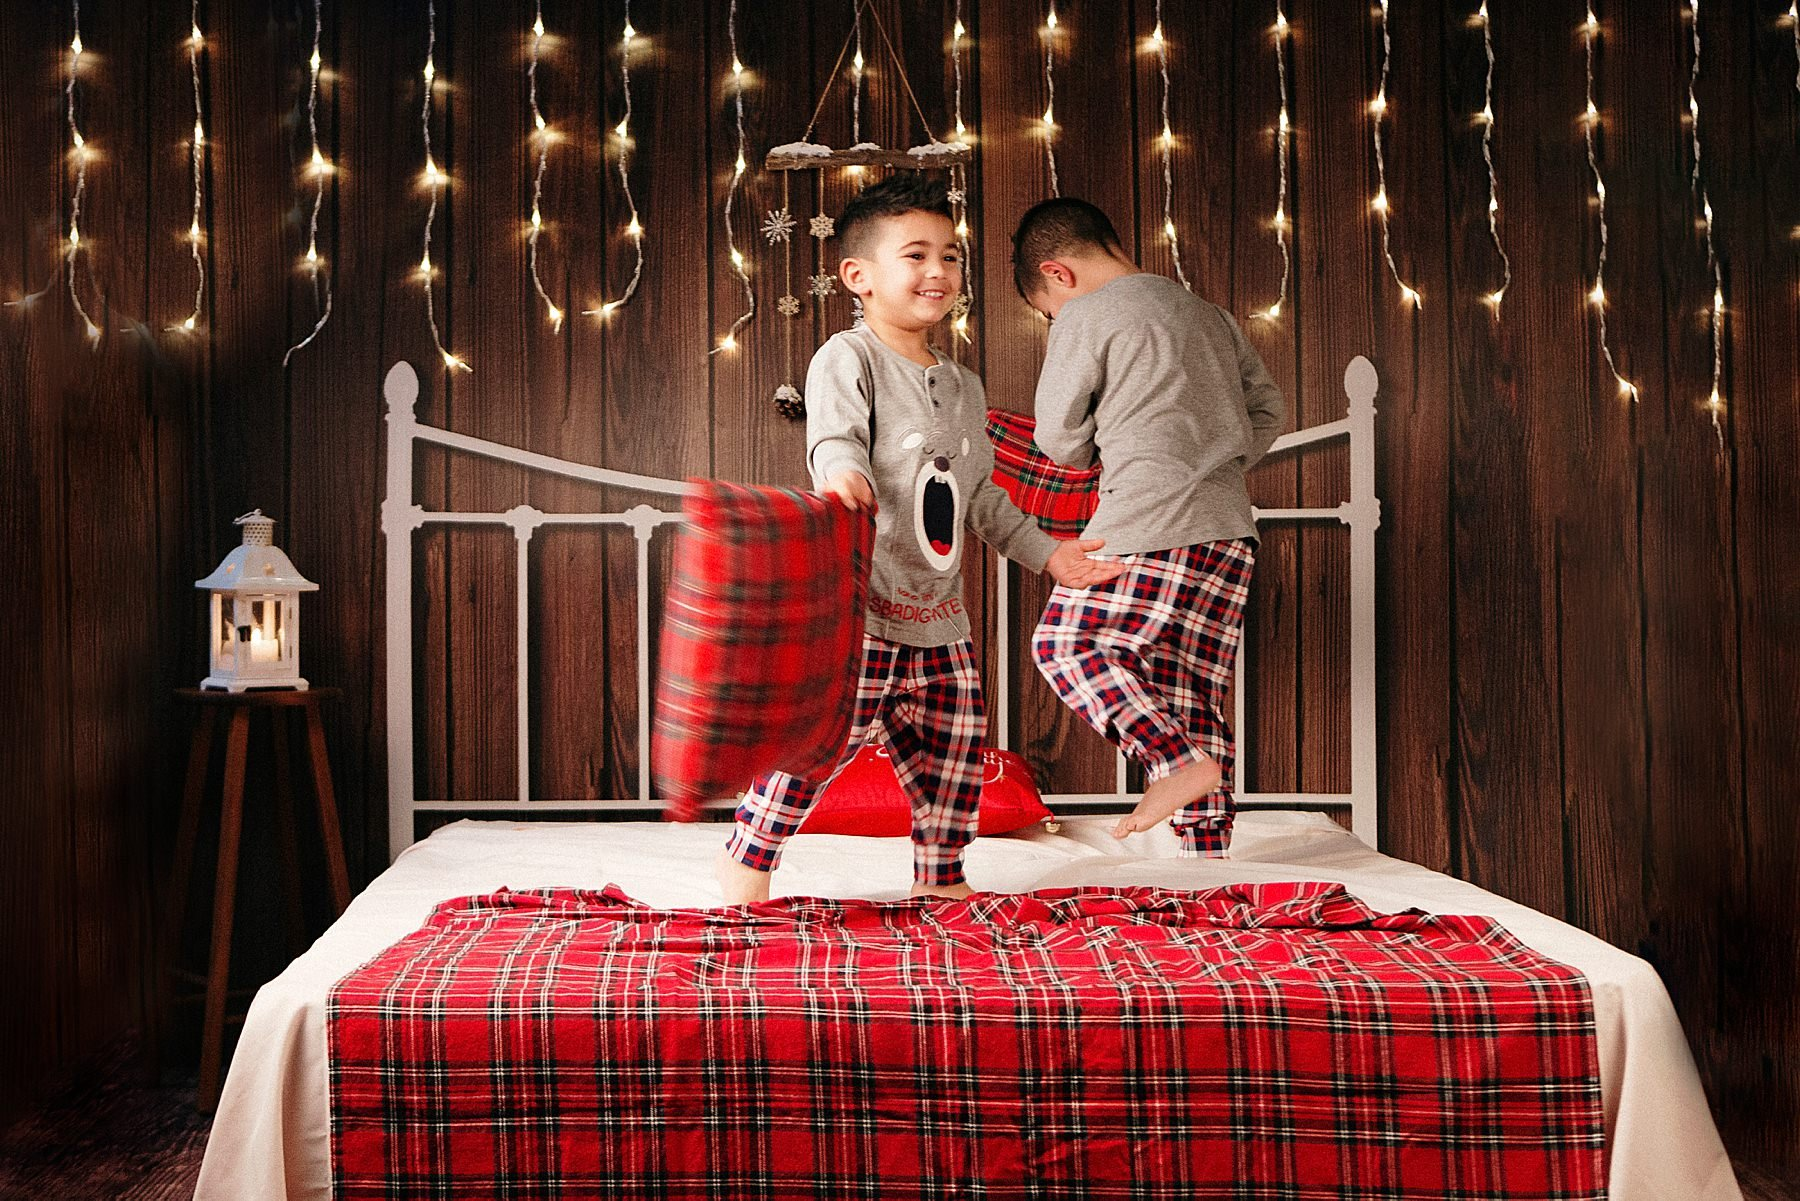 bambini che saltano sul letto durante servizio fotografico di natale